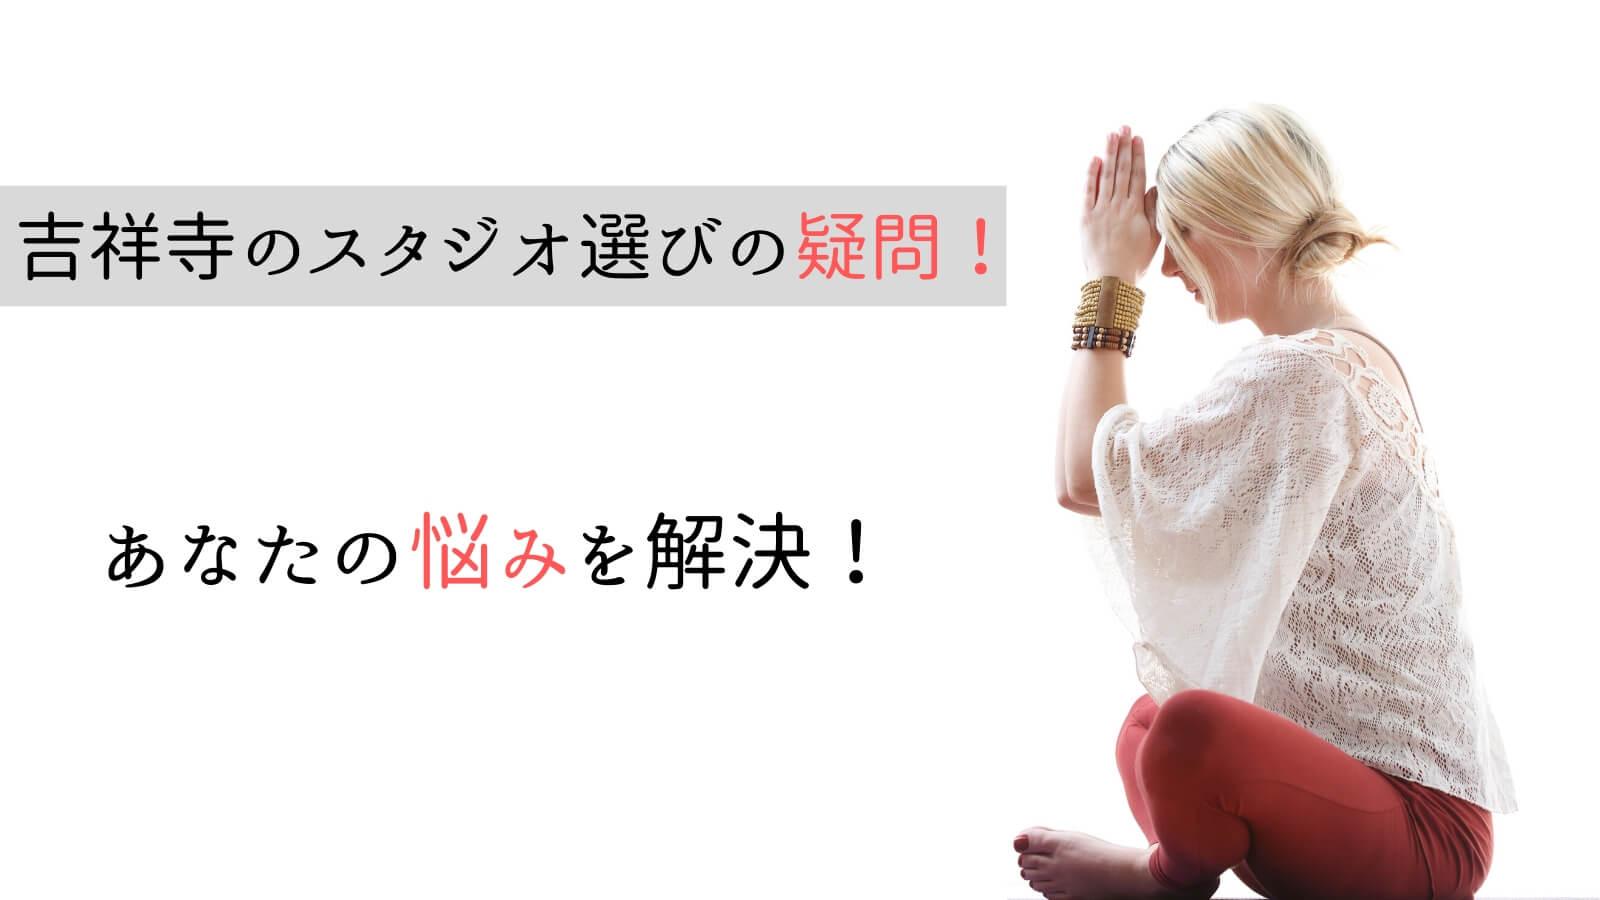 吉祥寺でのピラティススタジオ選びに関するQ&A